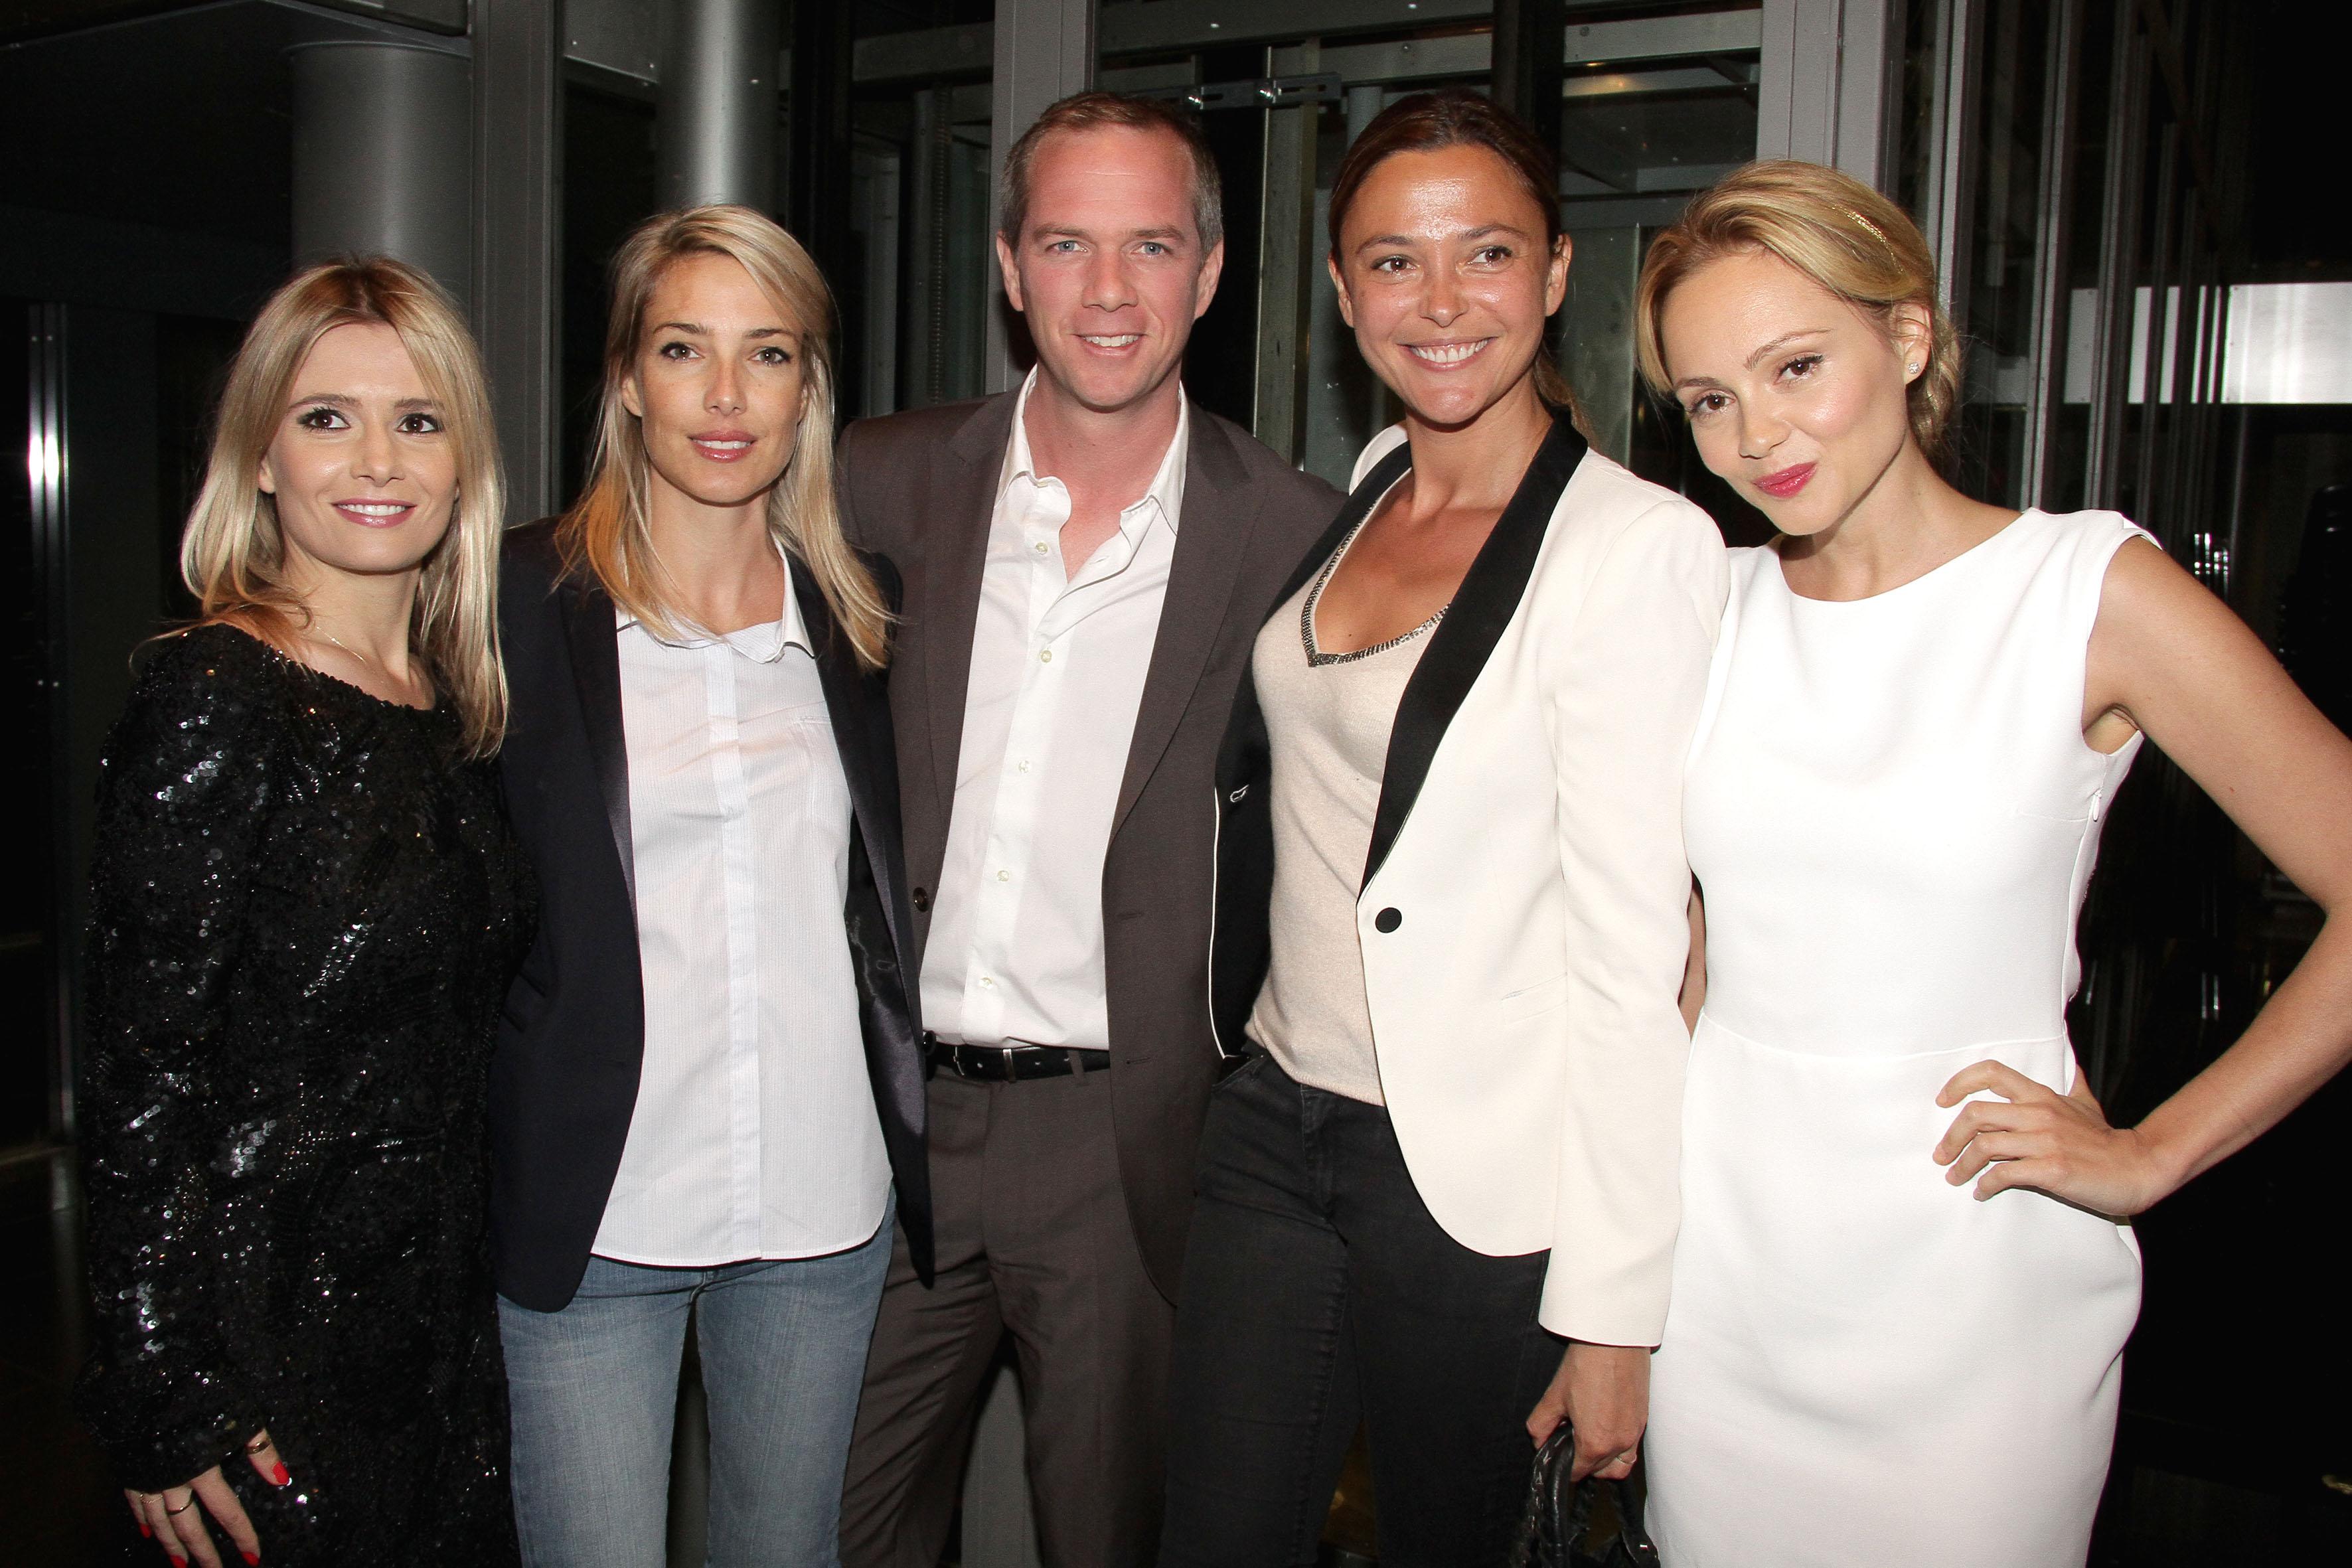 De g. à dte : Marie Inbona, Sidonie Bonnec, Julien Arnaud (TF1), Sandrine Quétier et Béatrice Rosen © Falour